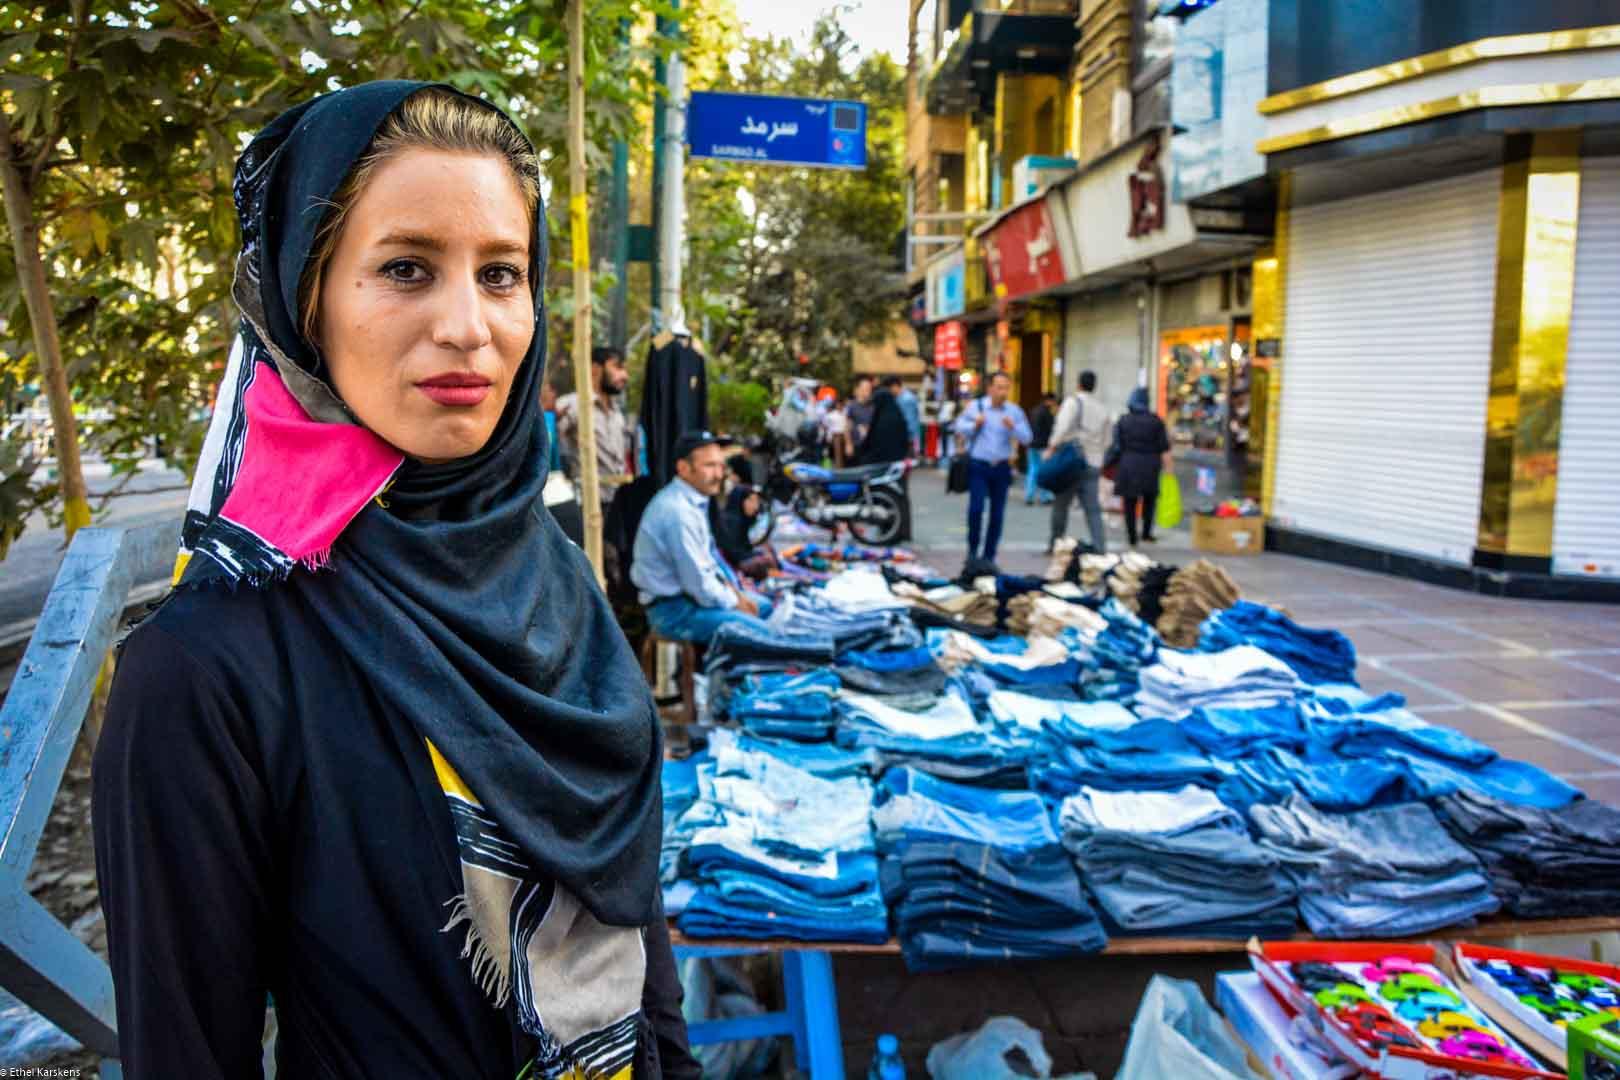 Vendor on Valiasr Street